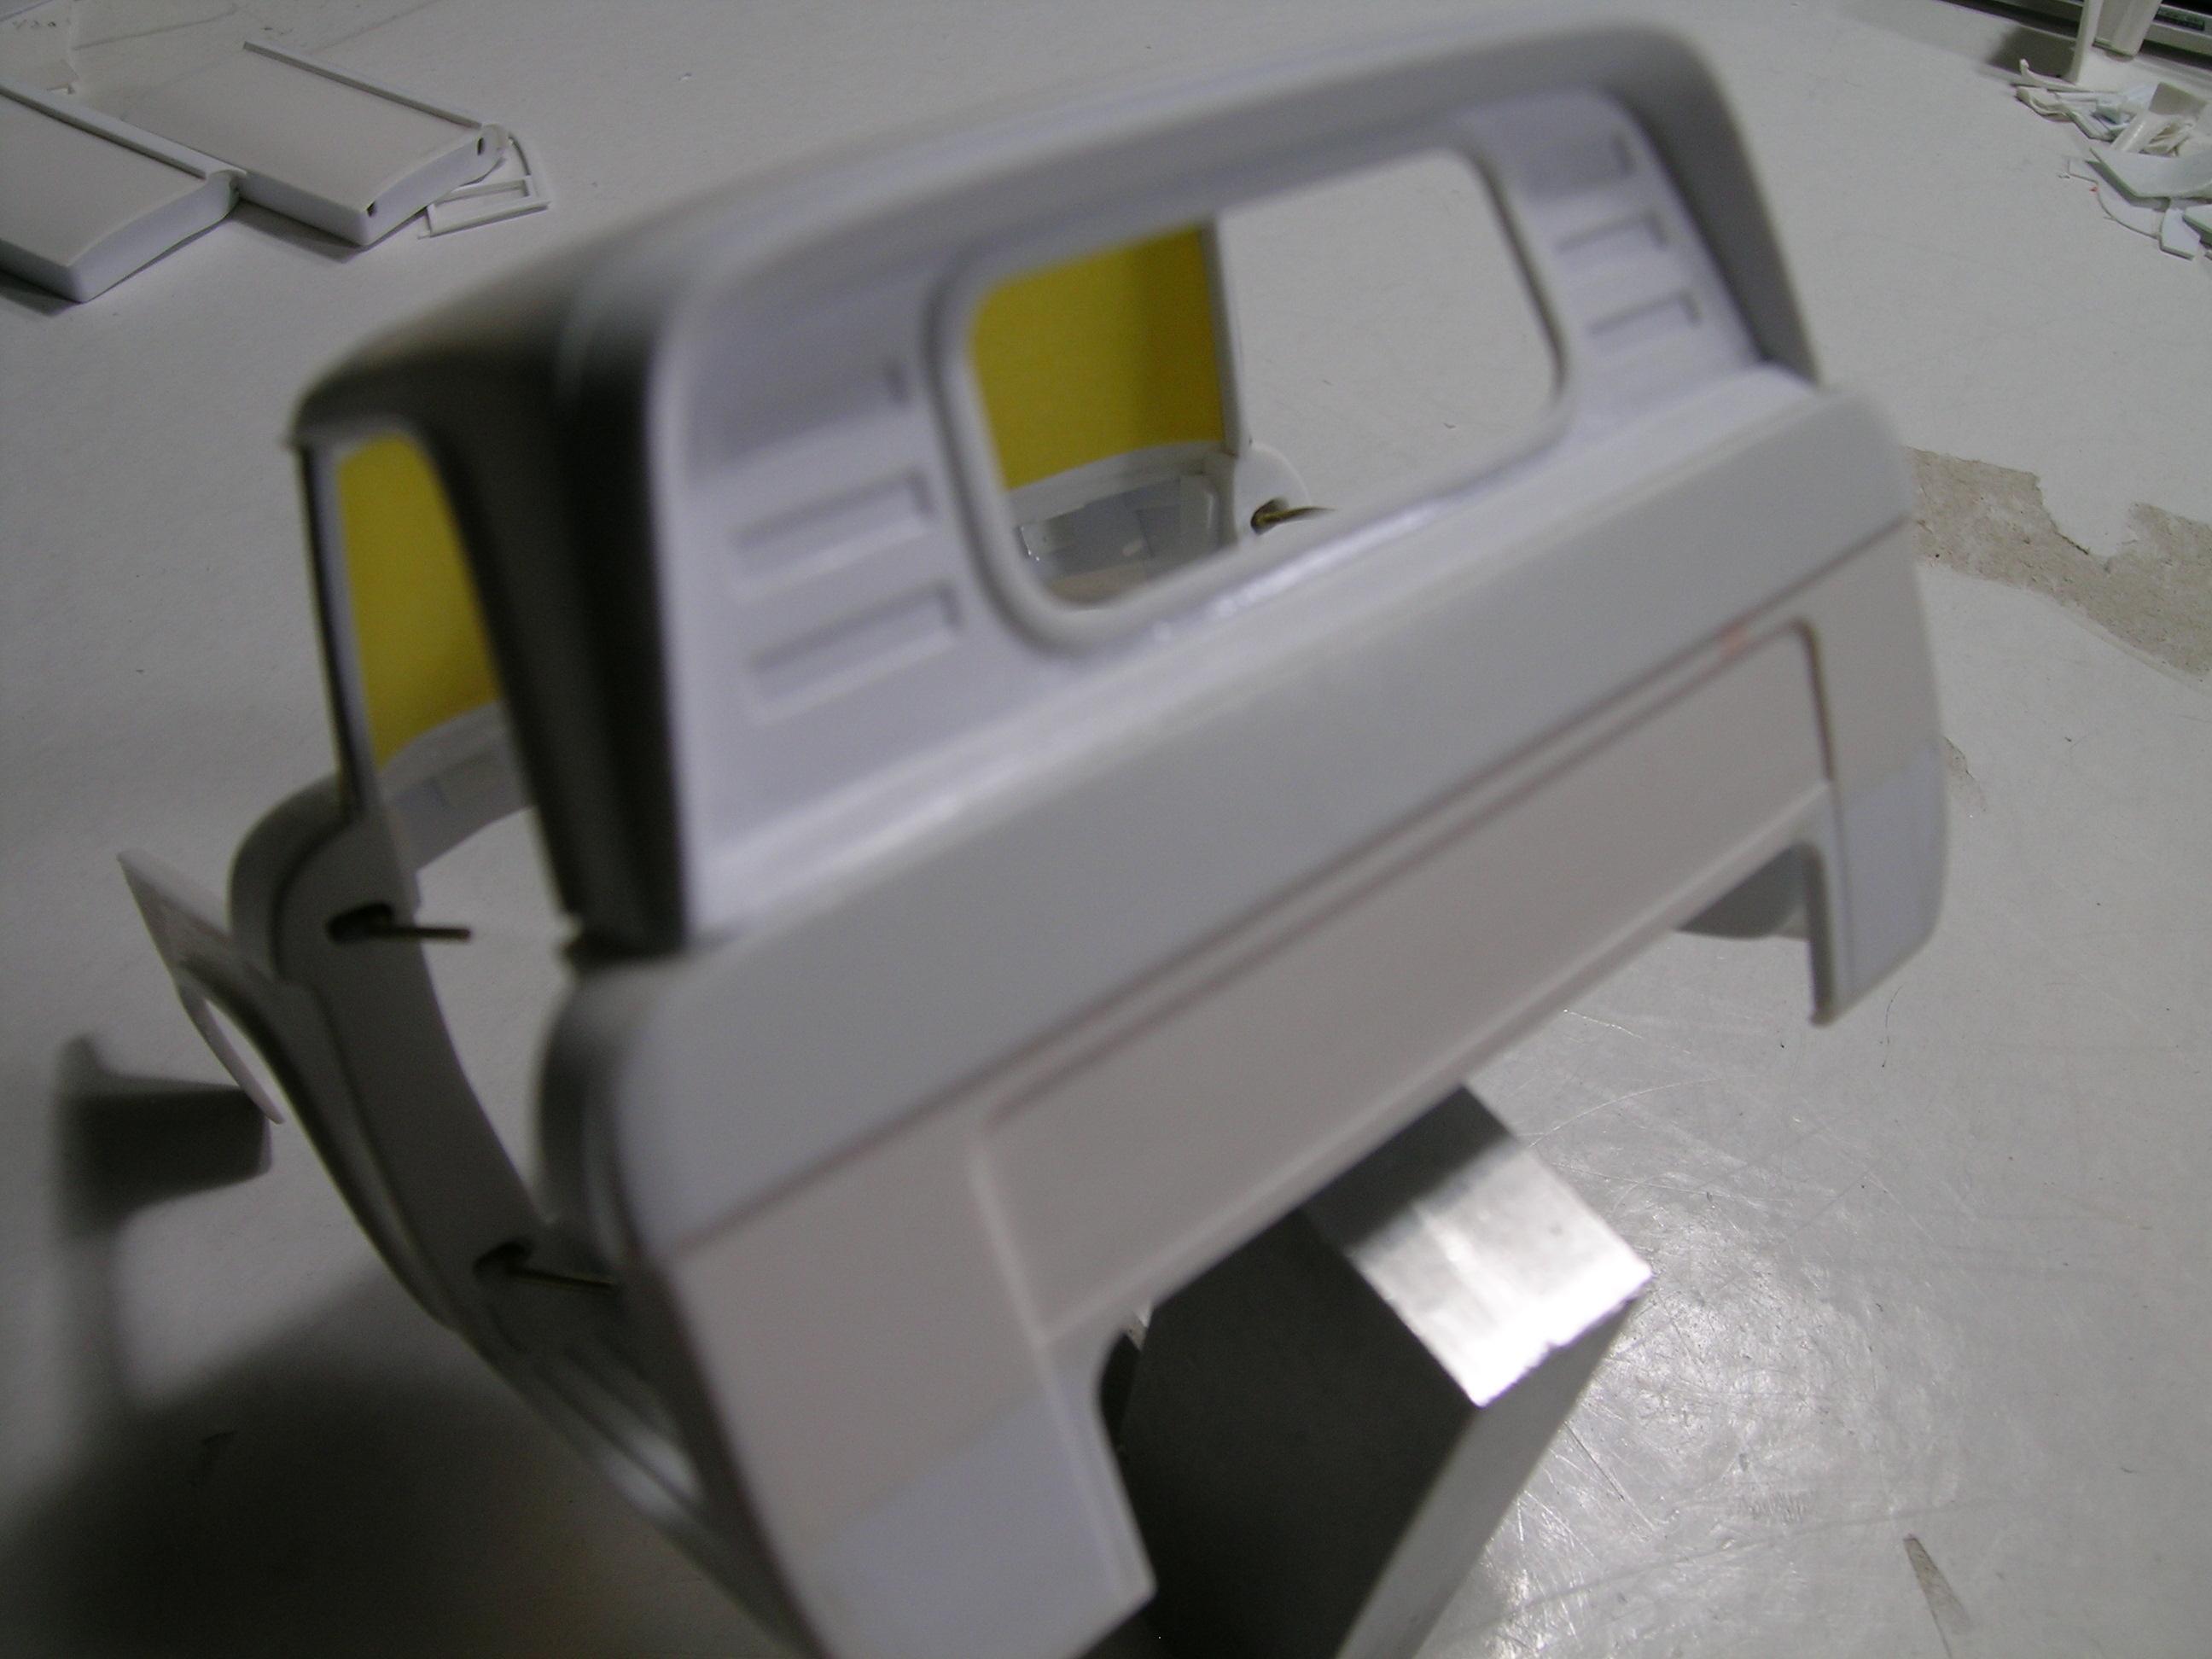 21_Back_Cab.JPG.1d7d5adb786ac38511d6a50fa8278479.JPG